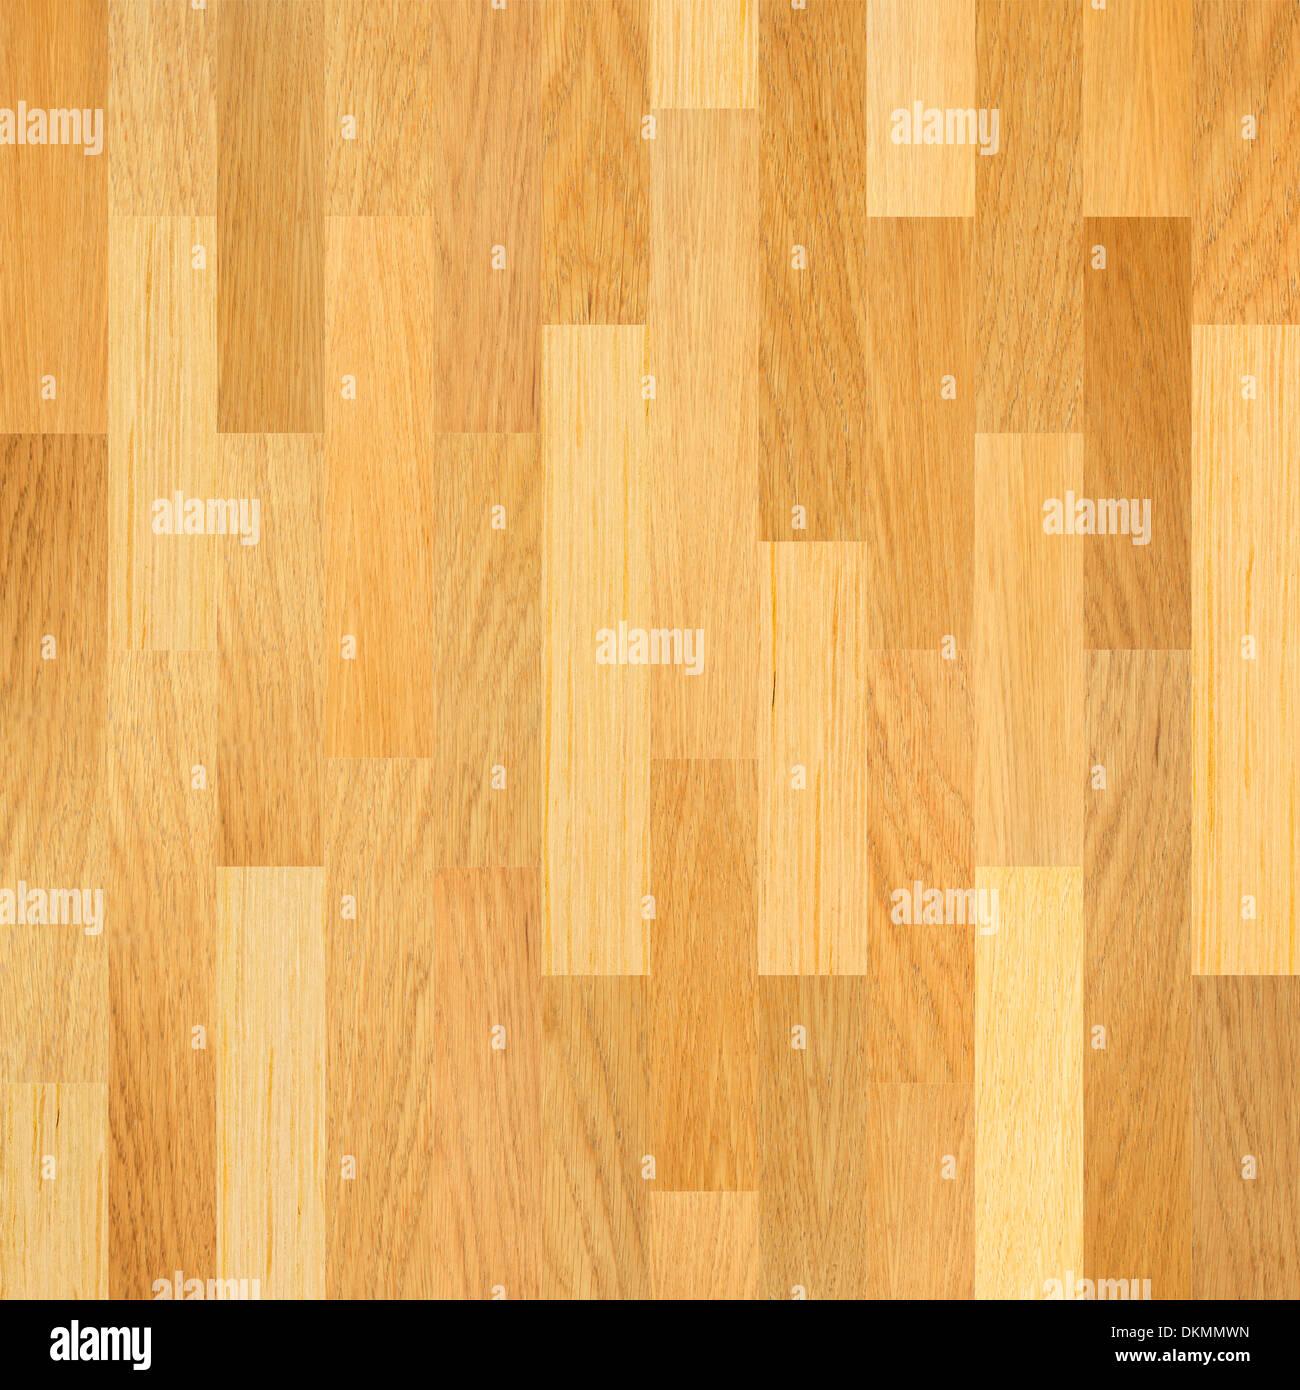 Wooden floor. Parquet flooring background. - Stock Image